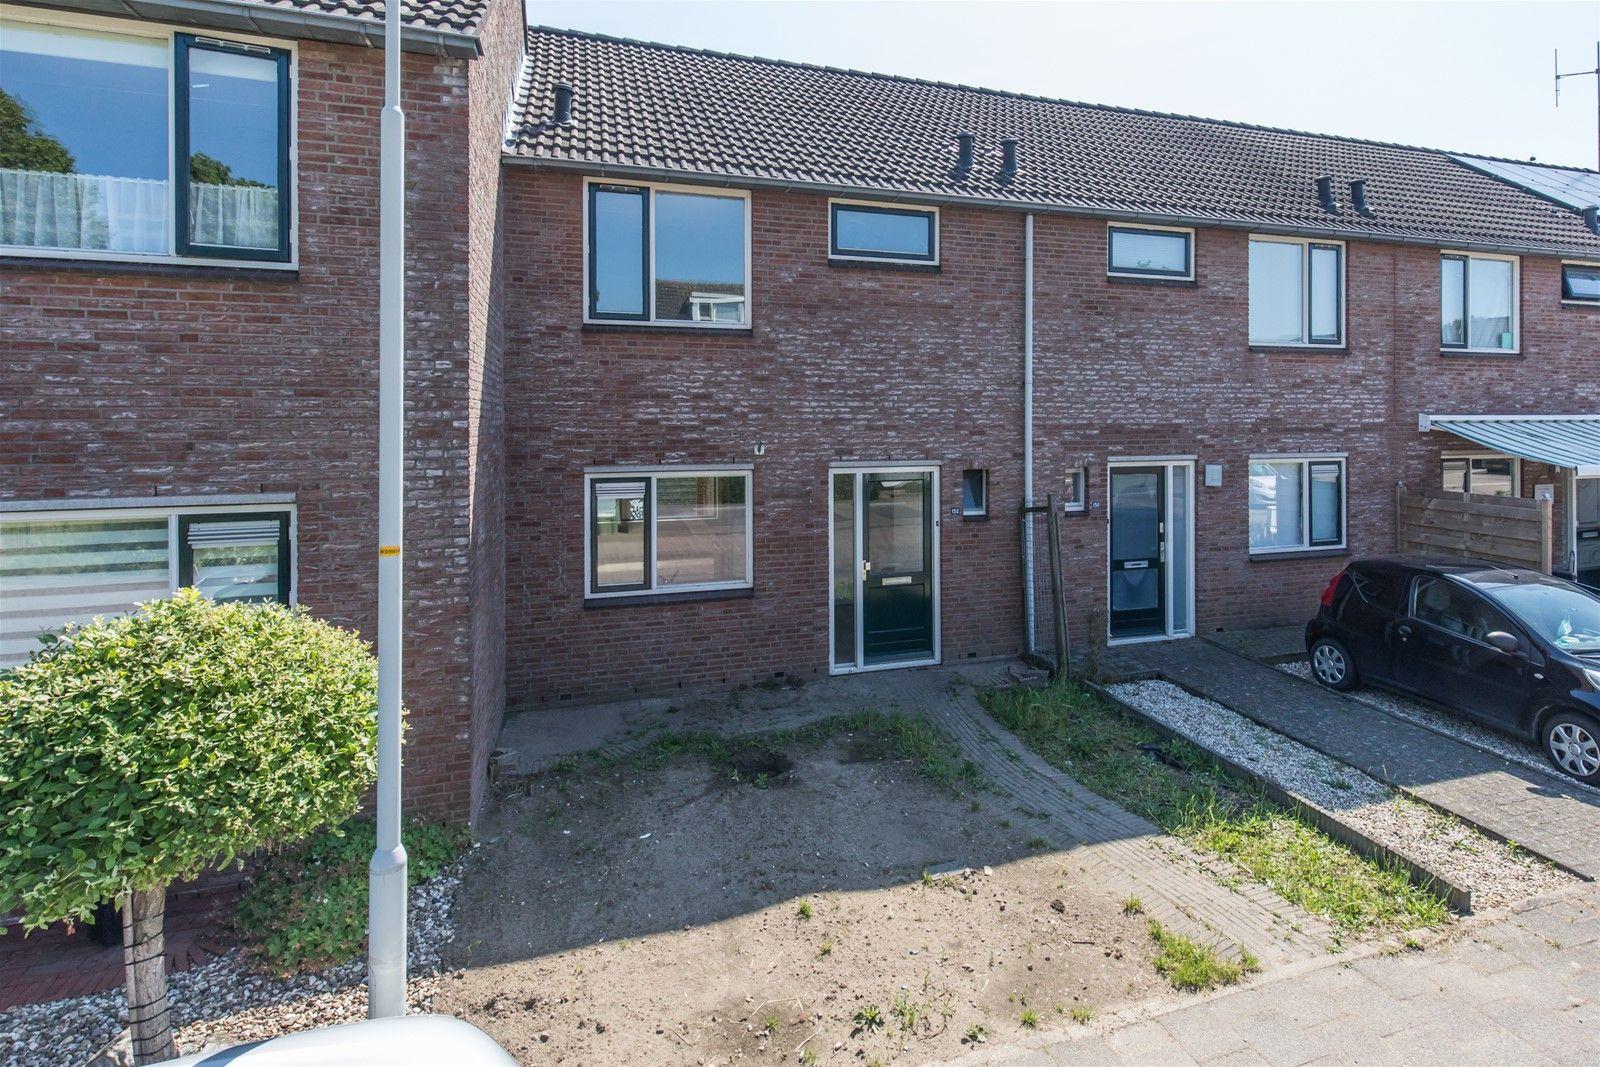 Rodingsveen 152, 's-heerenberg